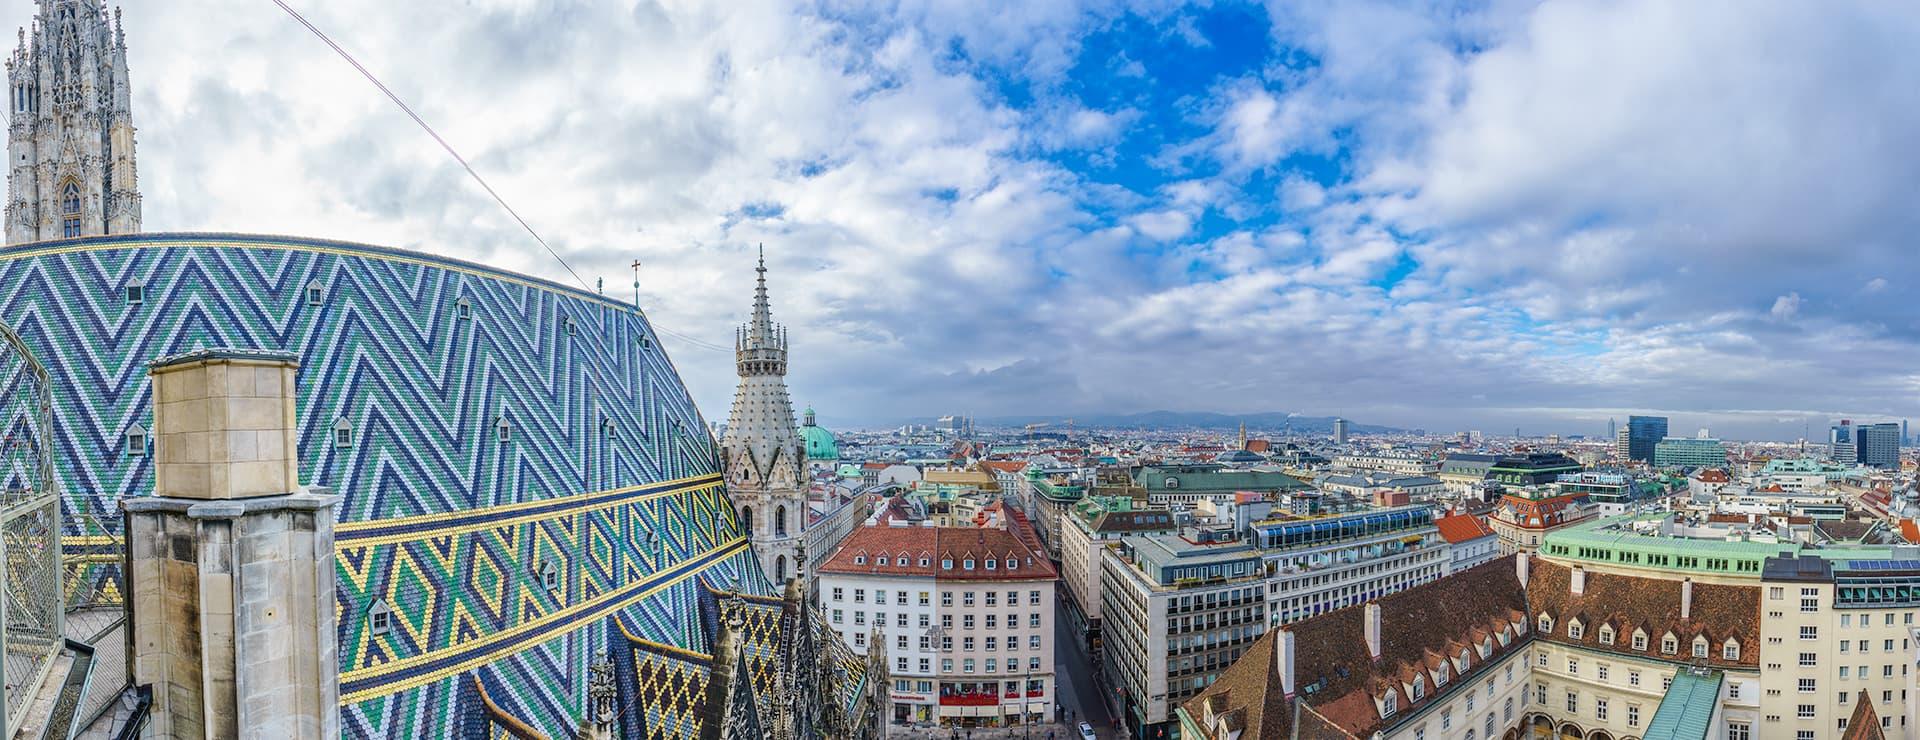 wien-stephansdom-panorama